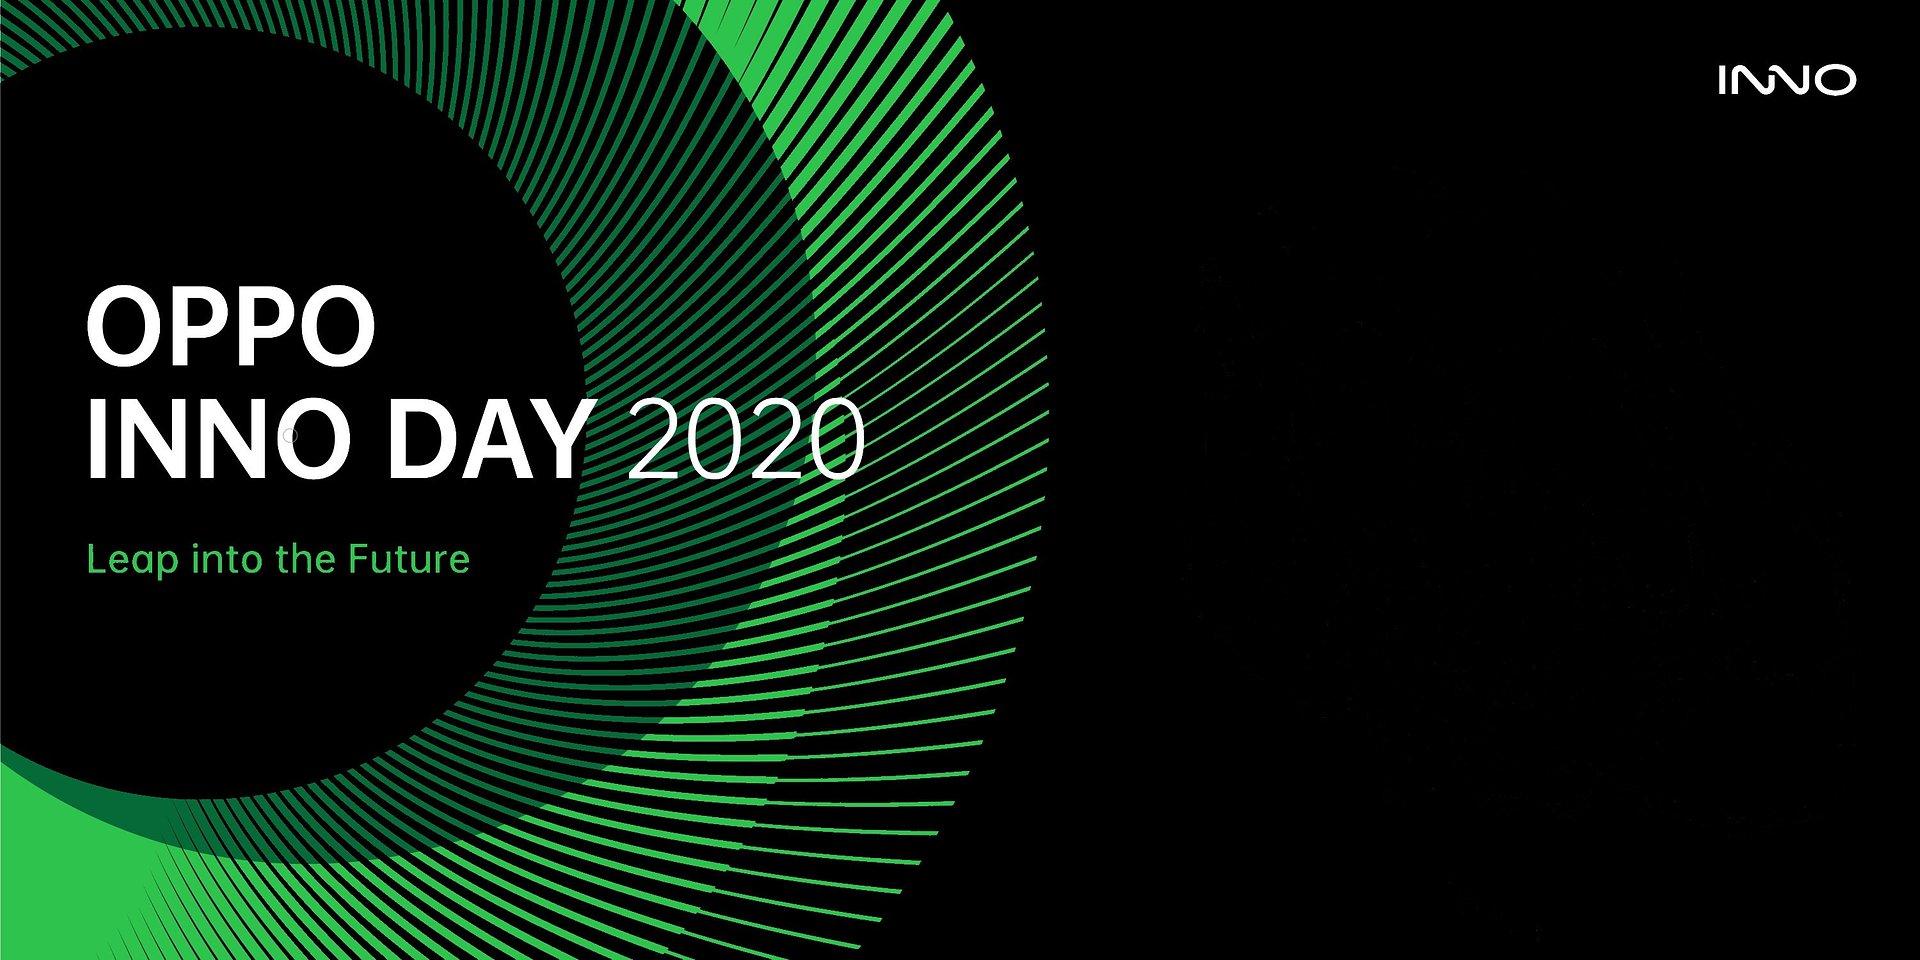 OPPO podczas INNO DAY 2020 przedstawiło 3 nowe koncepty produktowe będące ucieleśnieniem wizji producenta na temat zintegrowanej przyszłości.